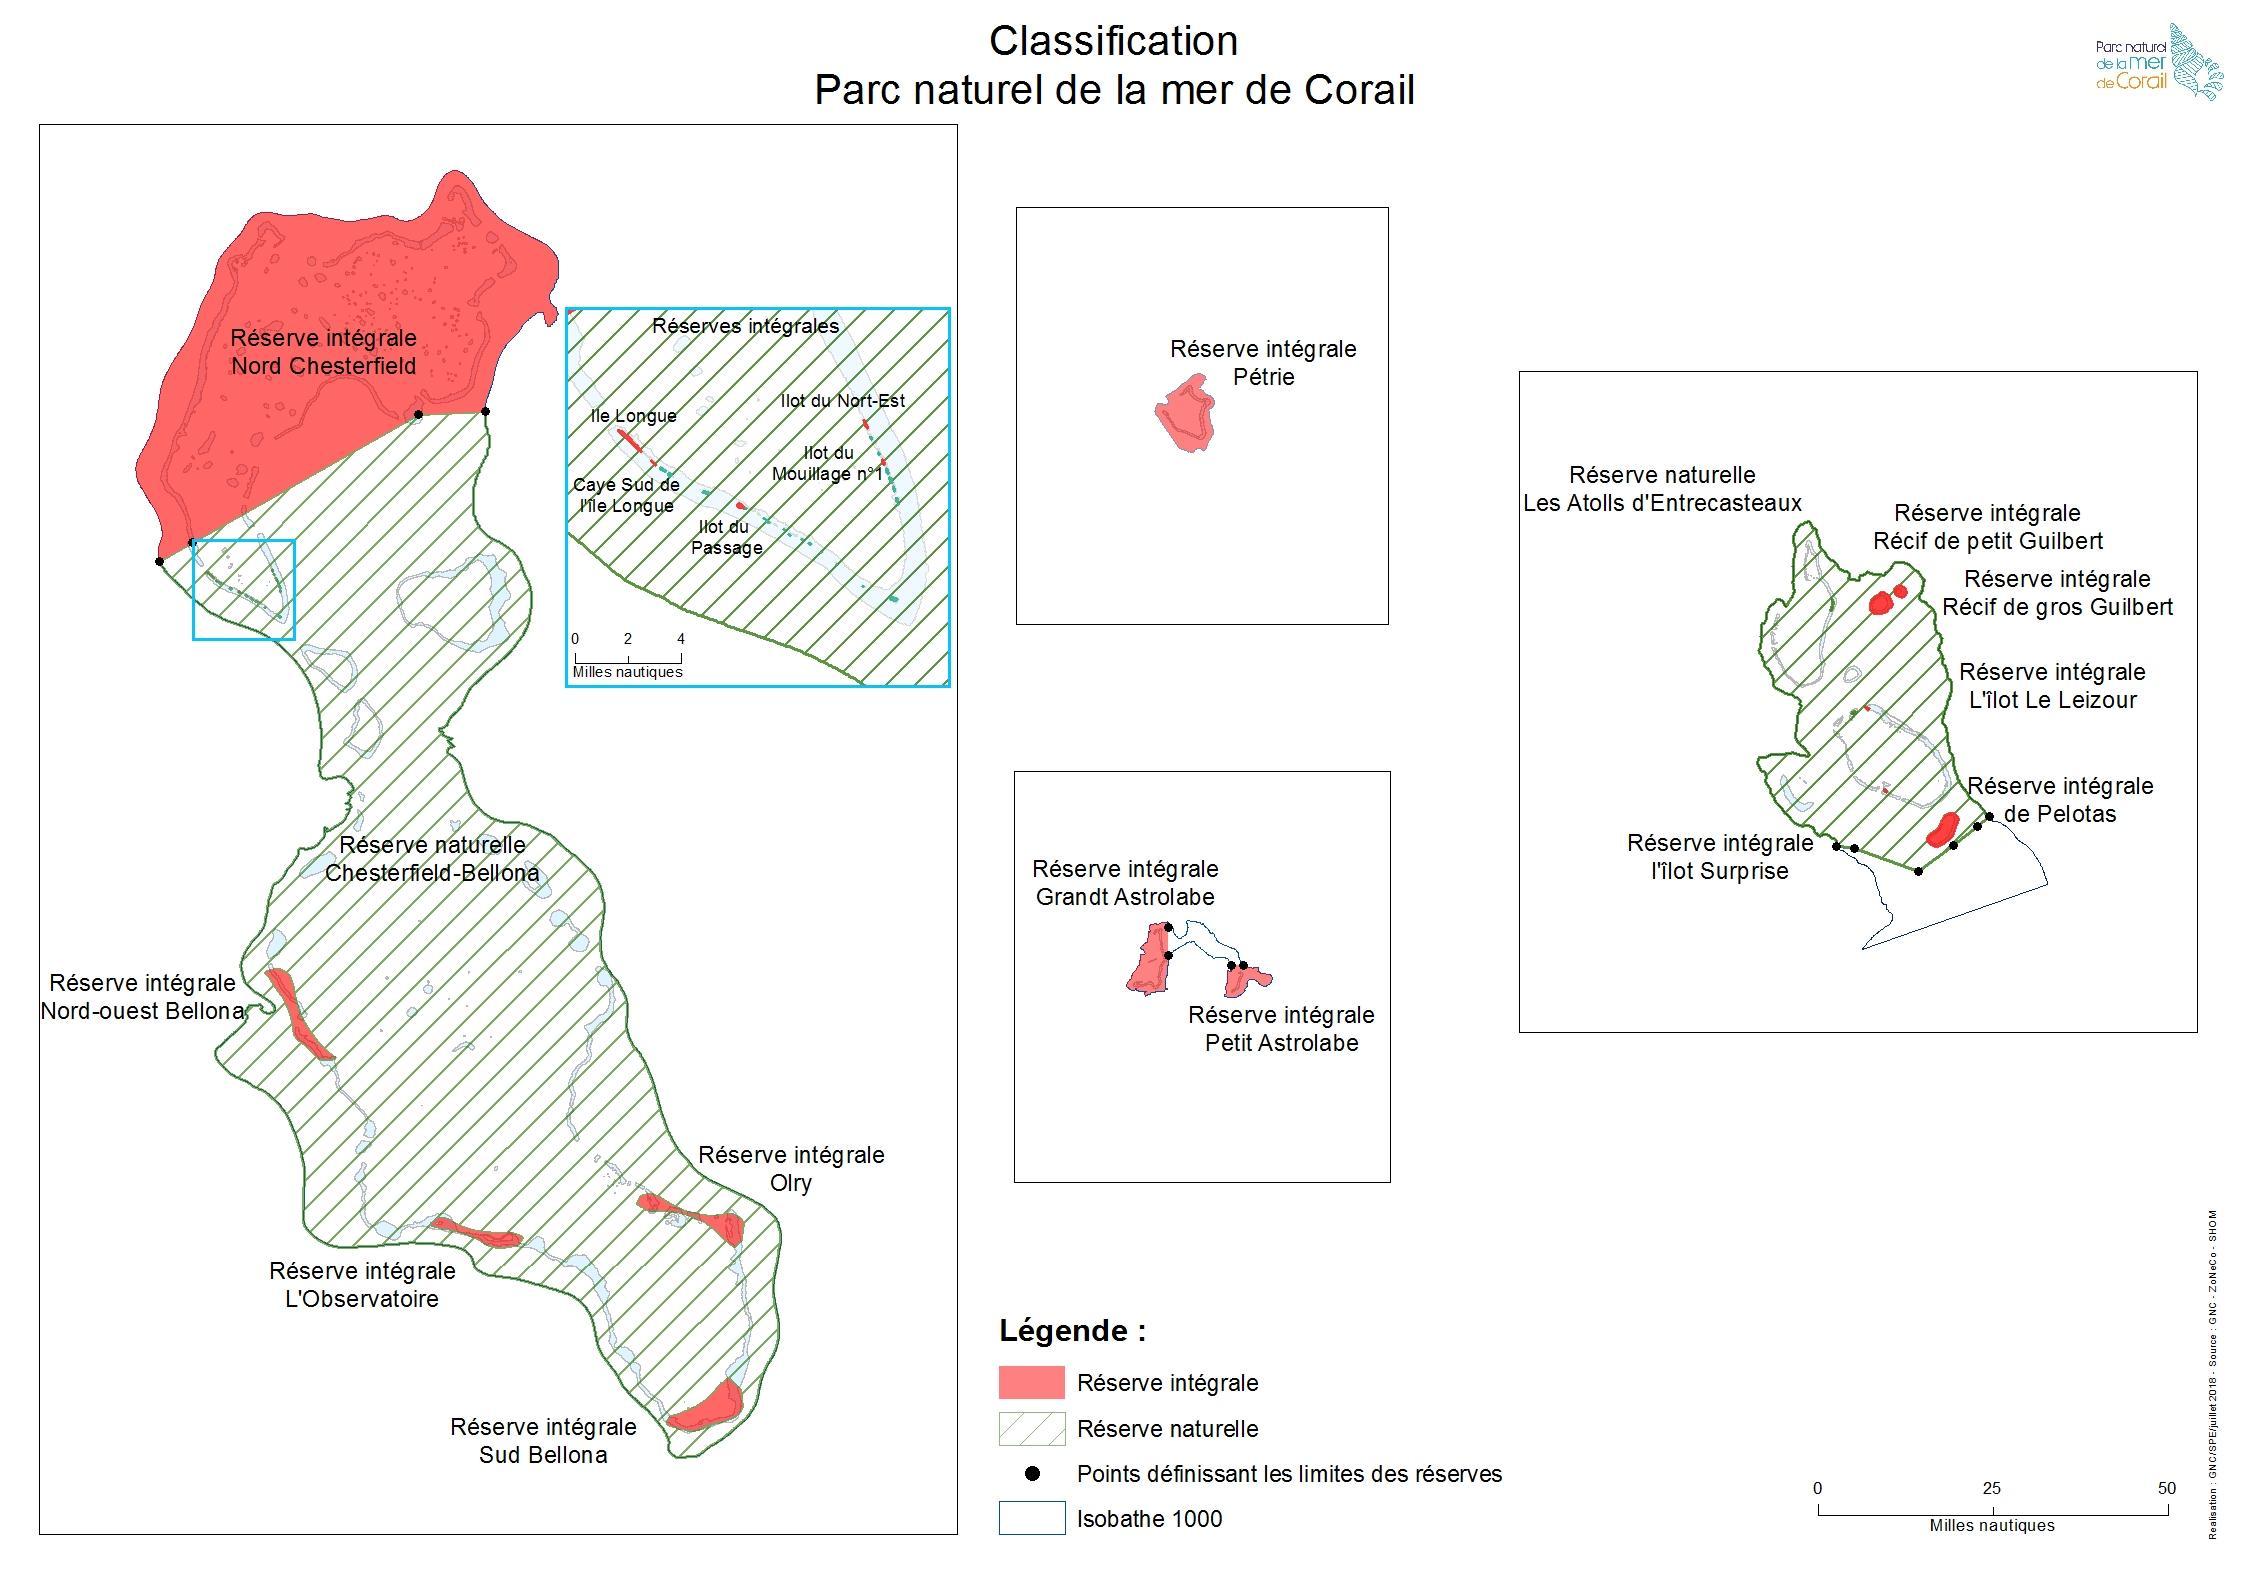 Carte PNMC classement en réserves